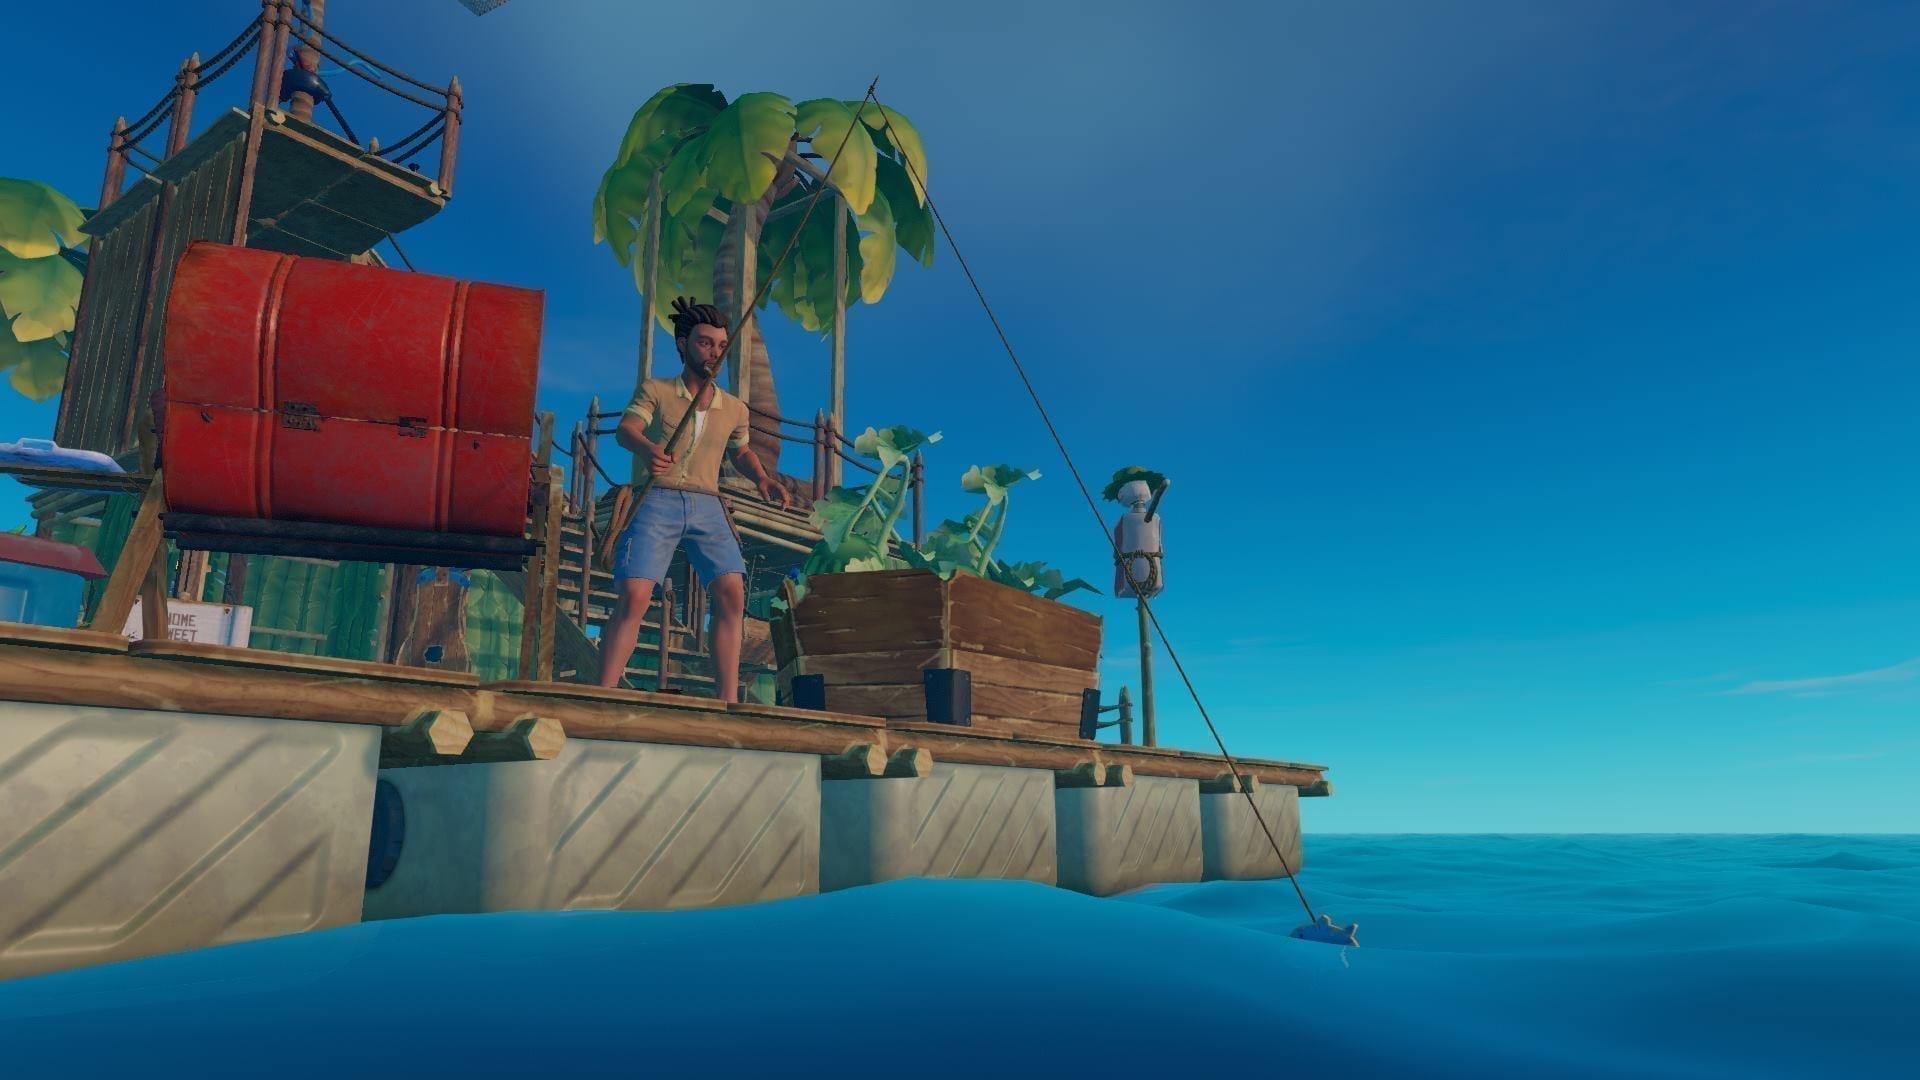 Raft - Wir angeln uns Rohstoffe